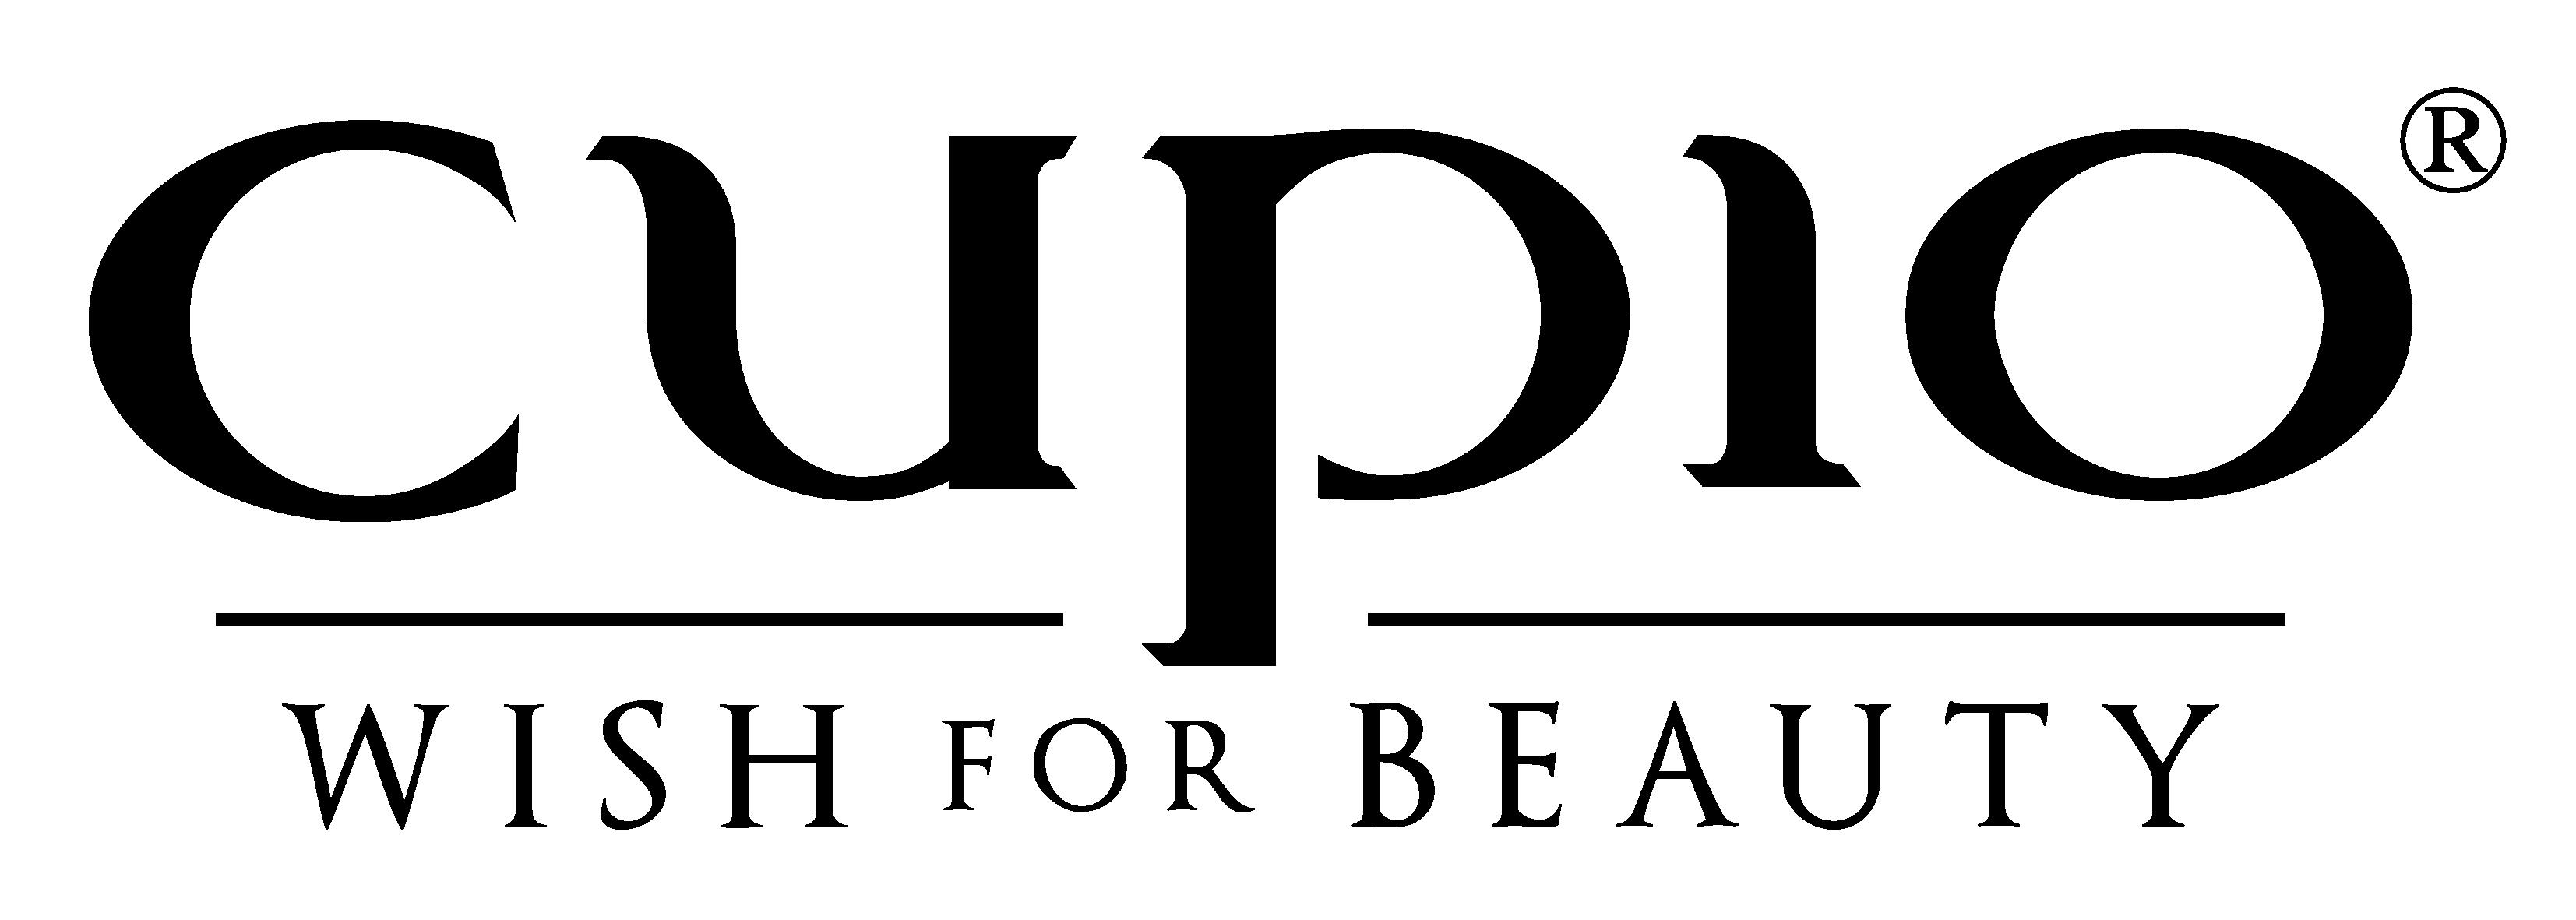 Cupio-logo-transparent